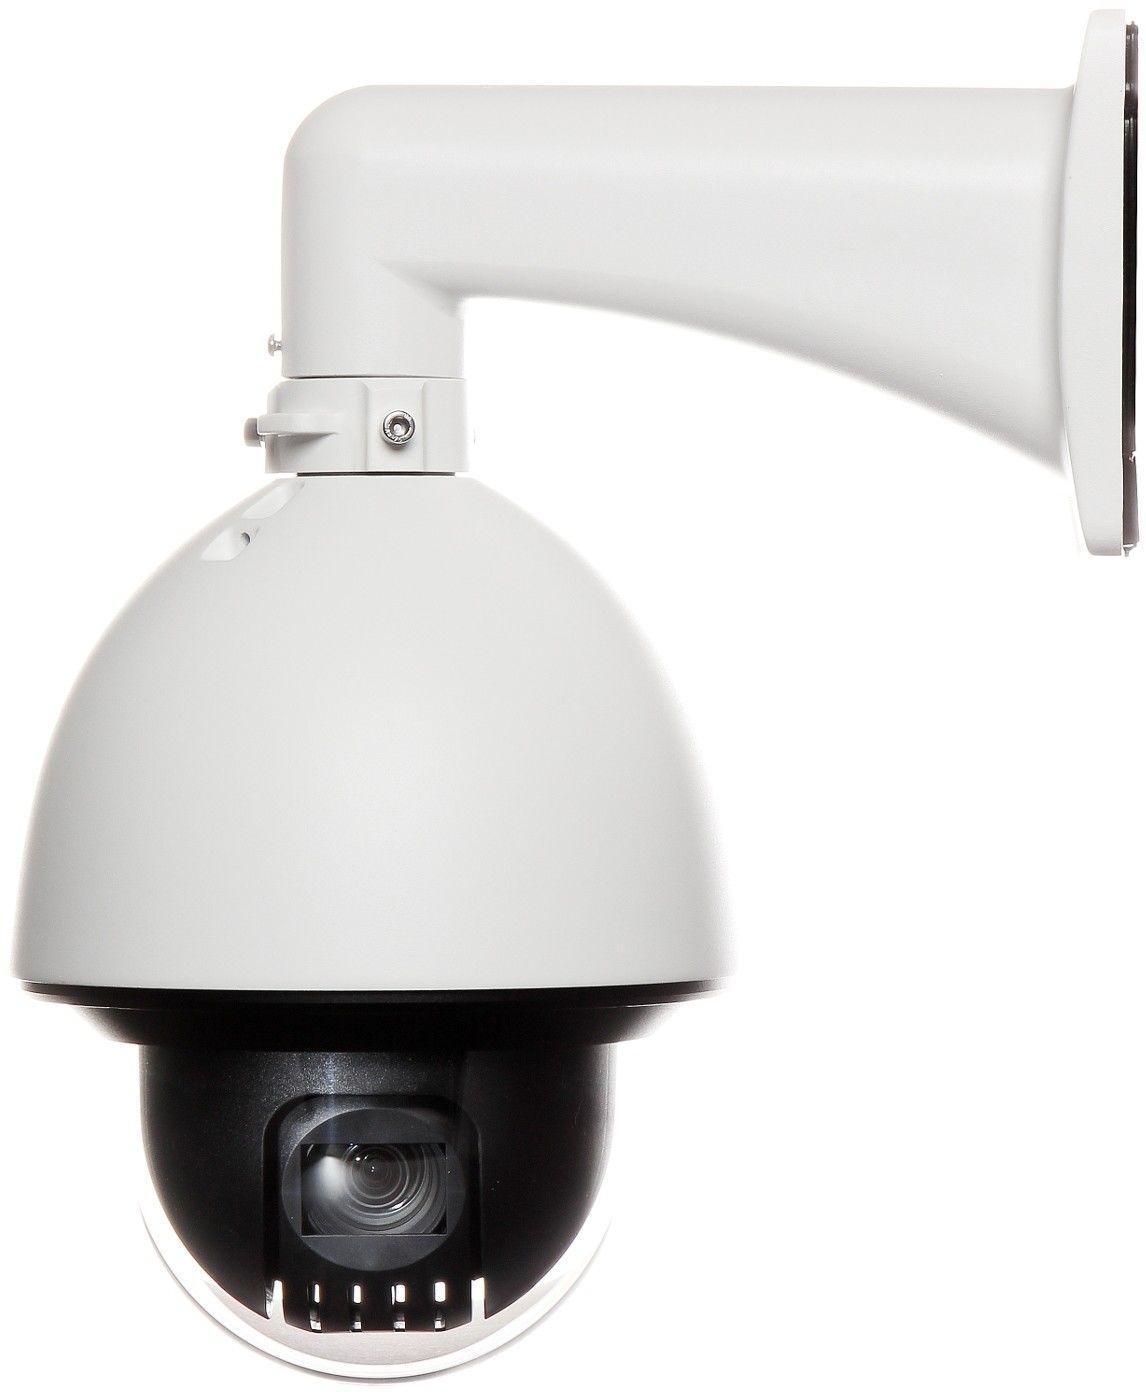 Dahua SD50225I-HC (2mpx, Starlight, 25x optical zoom) - Szybka wysyłka, Możliwy montaż, Upusty dla instalatorów, Profesjonalne doradztwo!